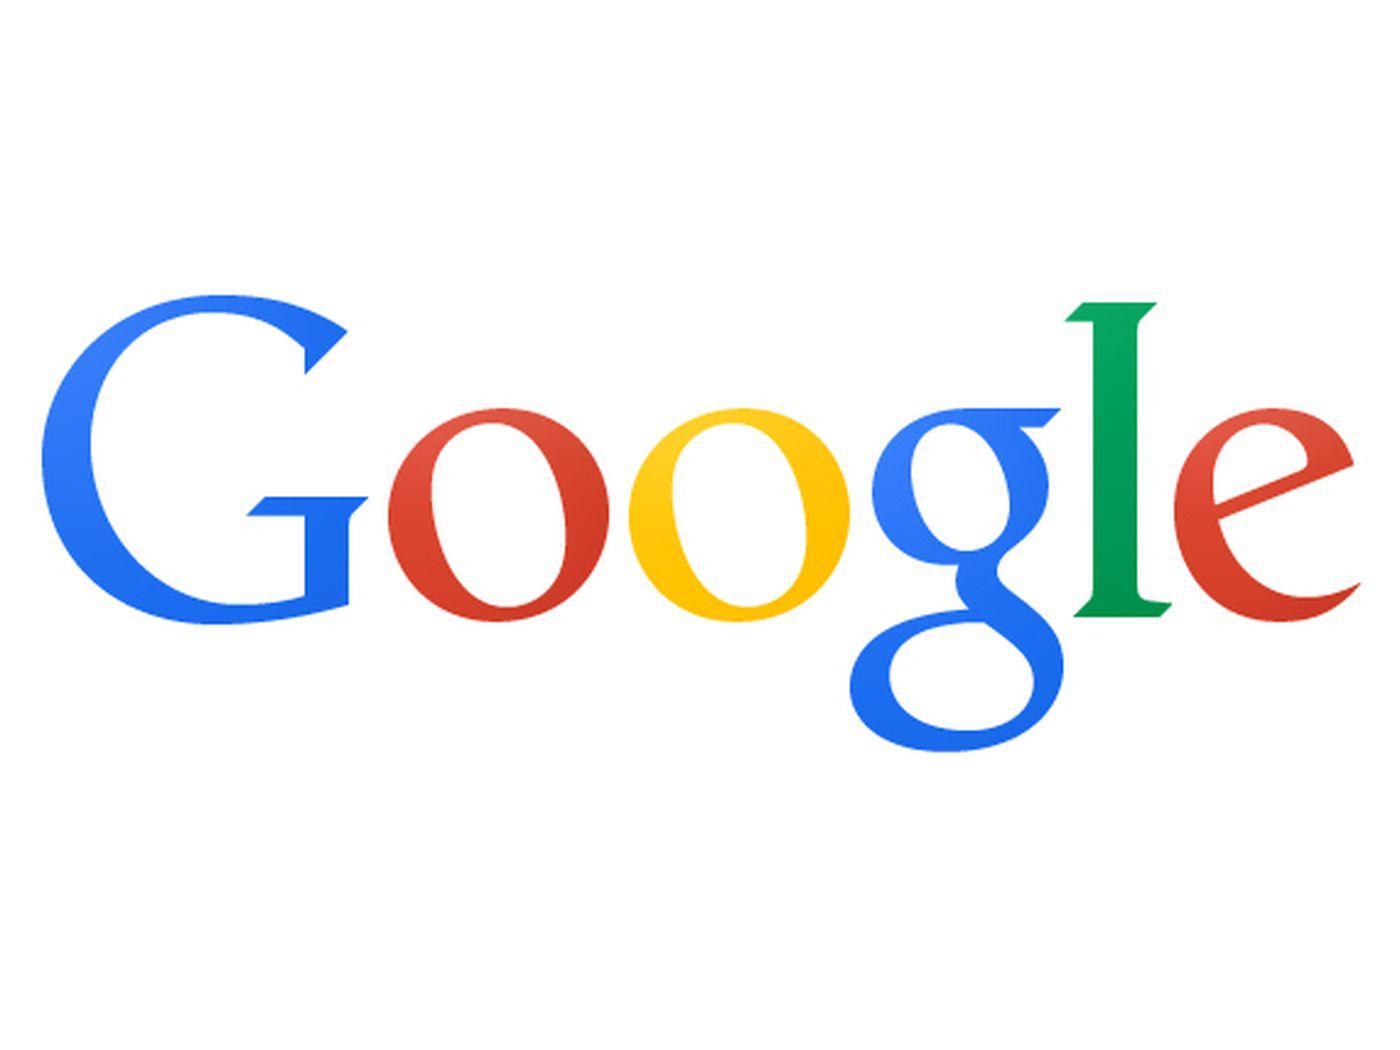 Google company upadates